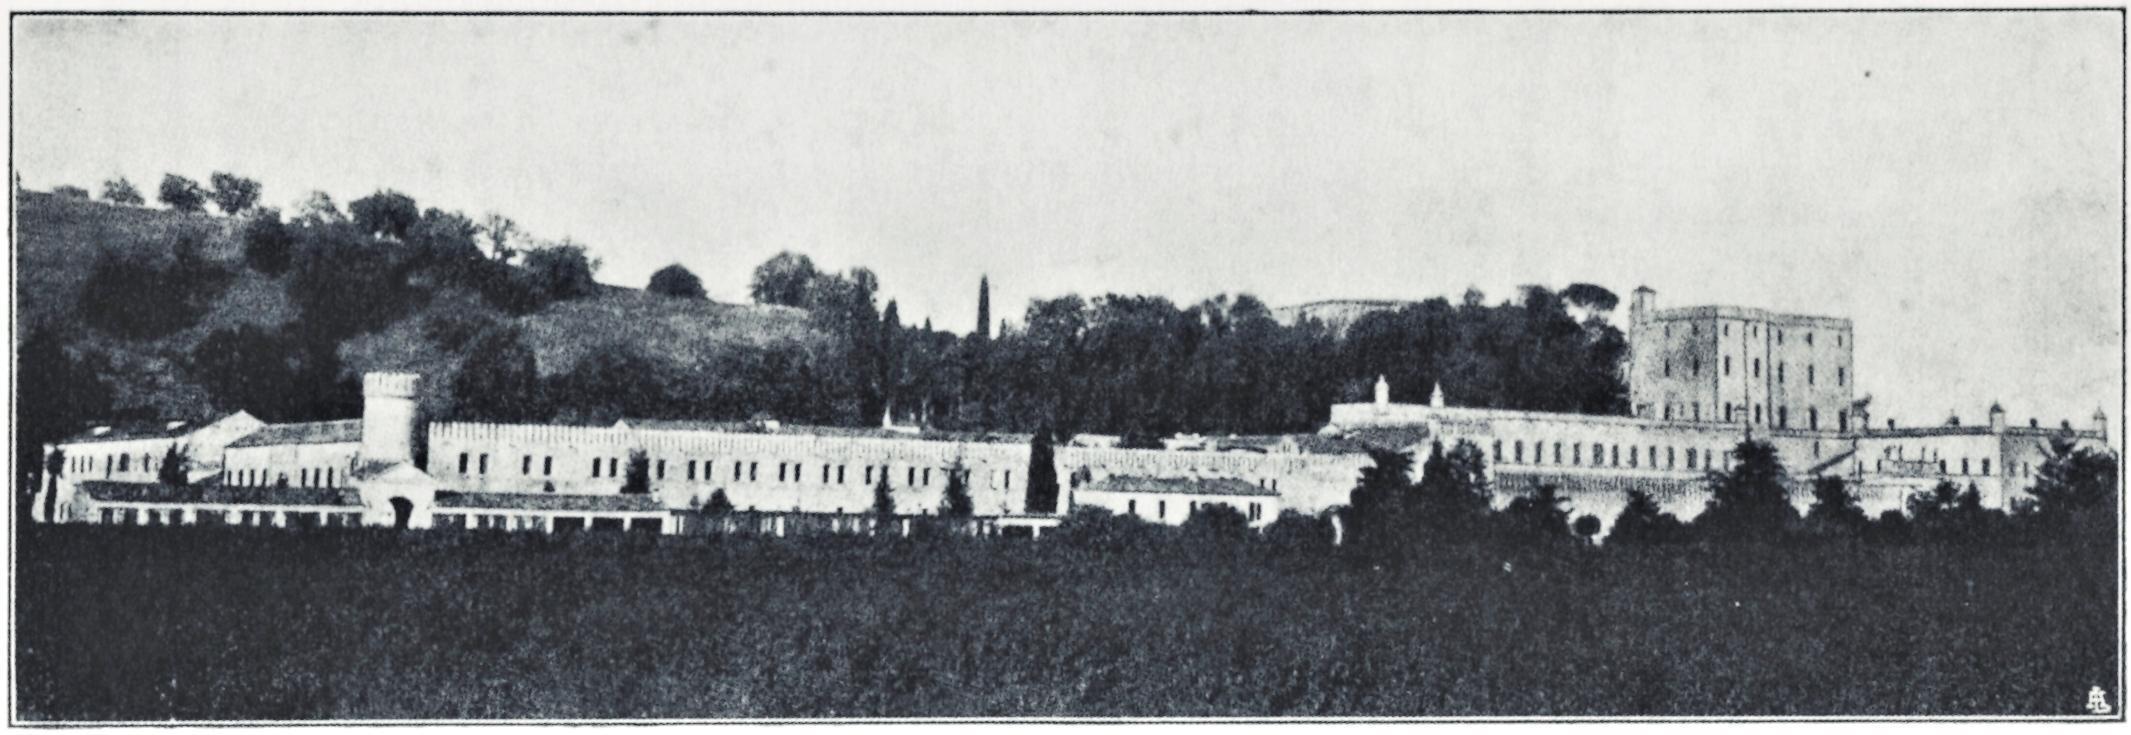 Battaglia - Terme, Veduta generale del castello Catajo (1925).